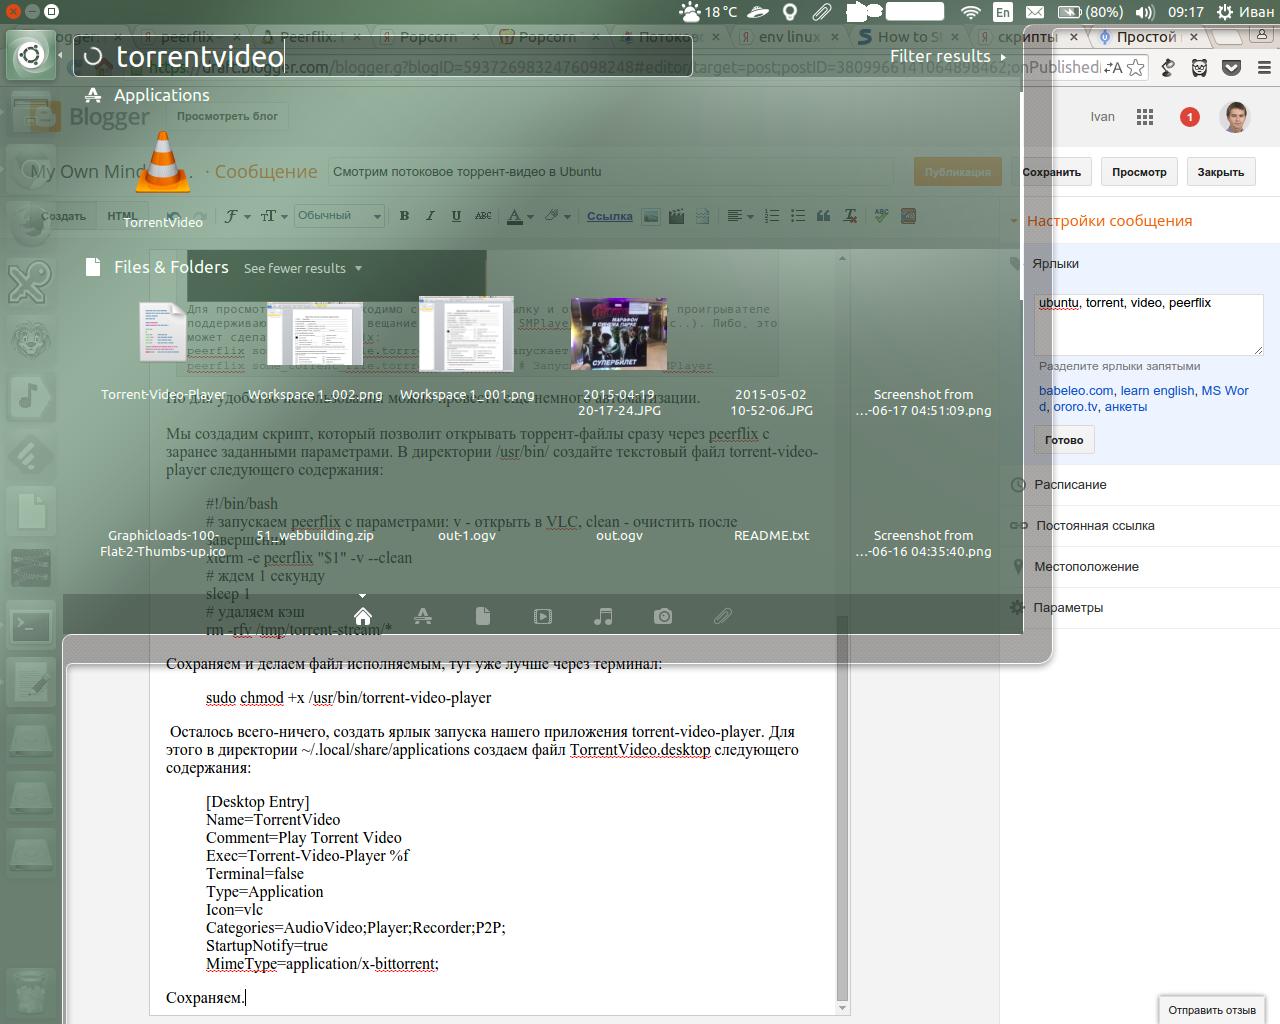 Установка Ubuntu Linux: инструкция для пользователя Windows 24